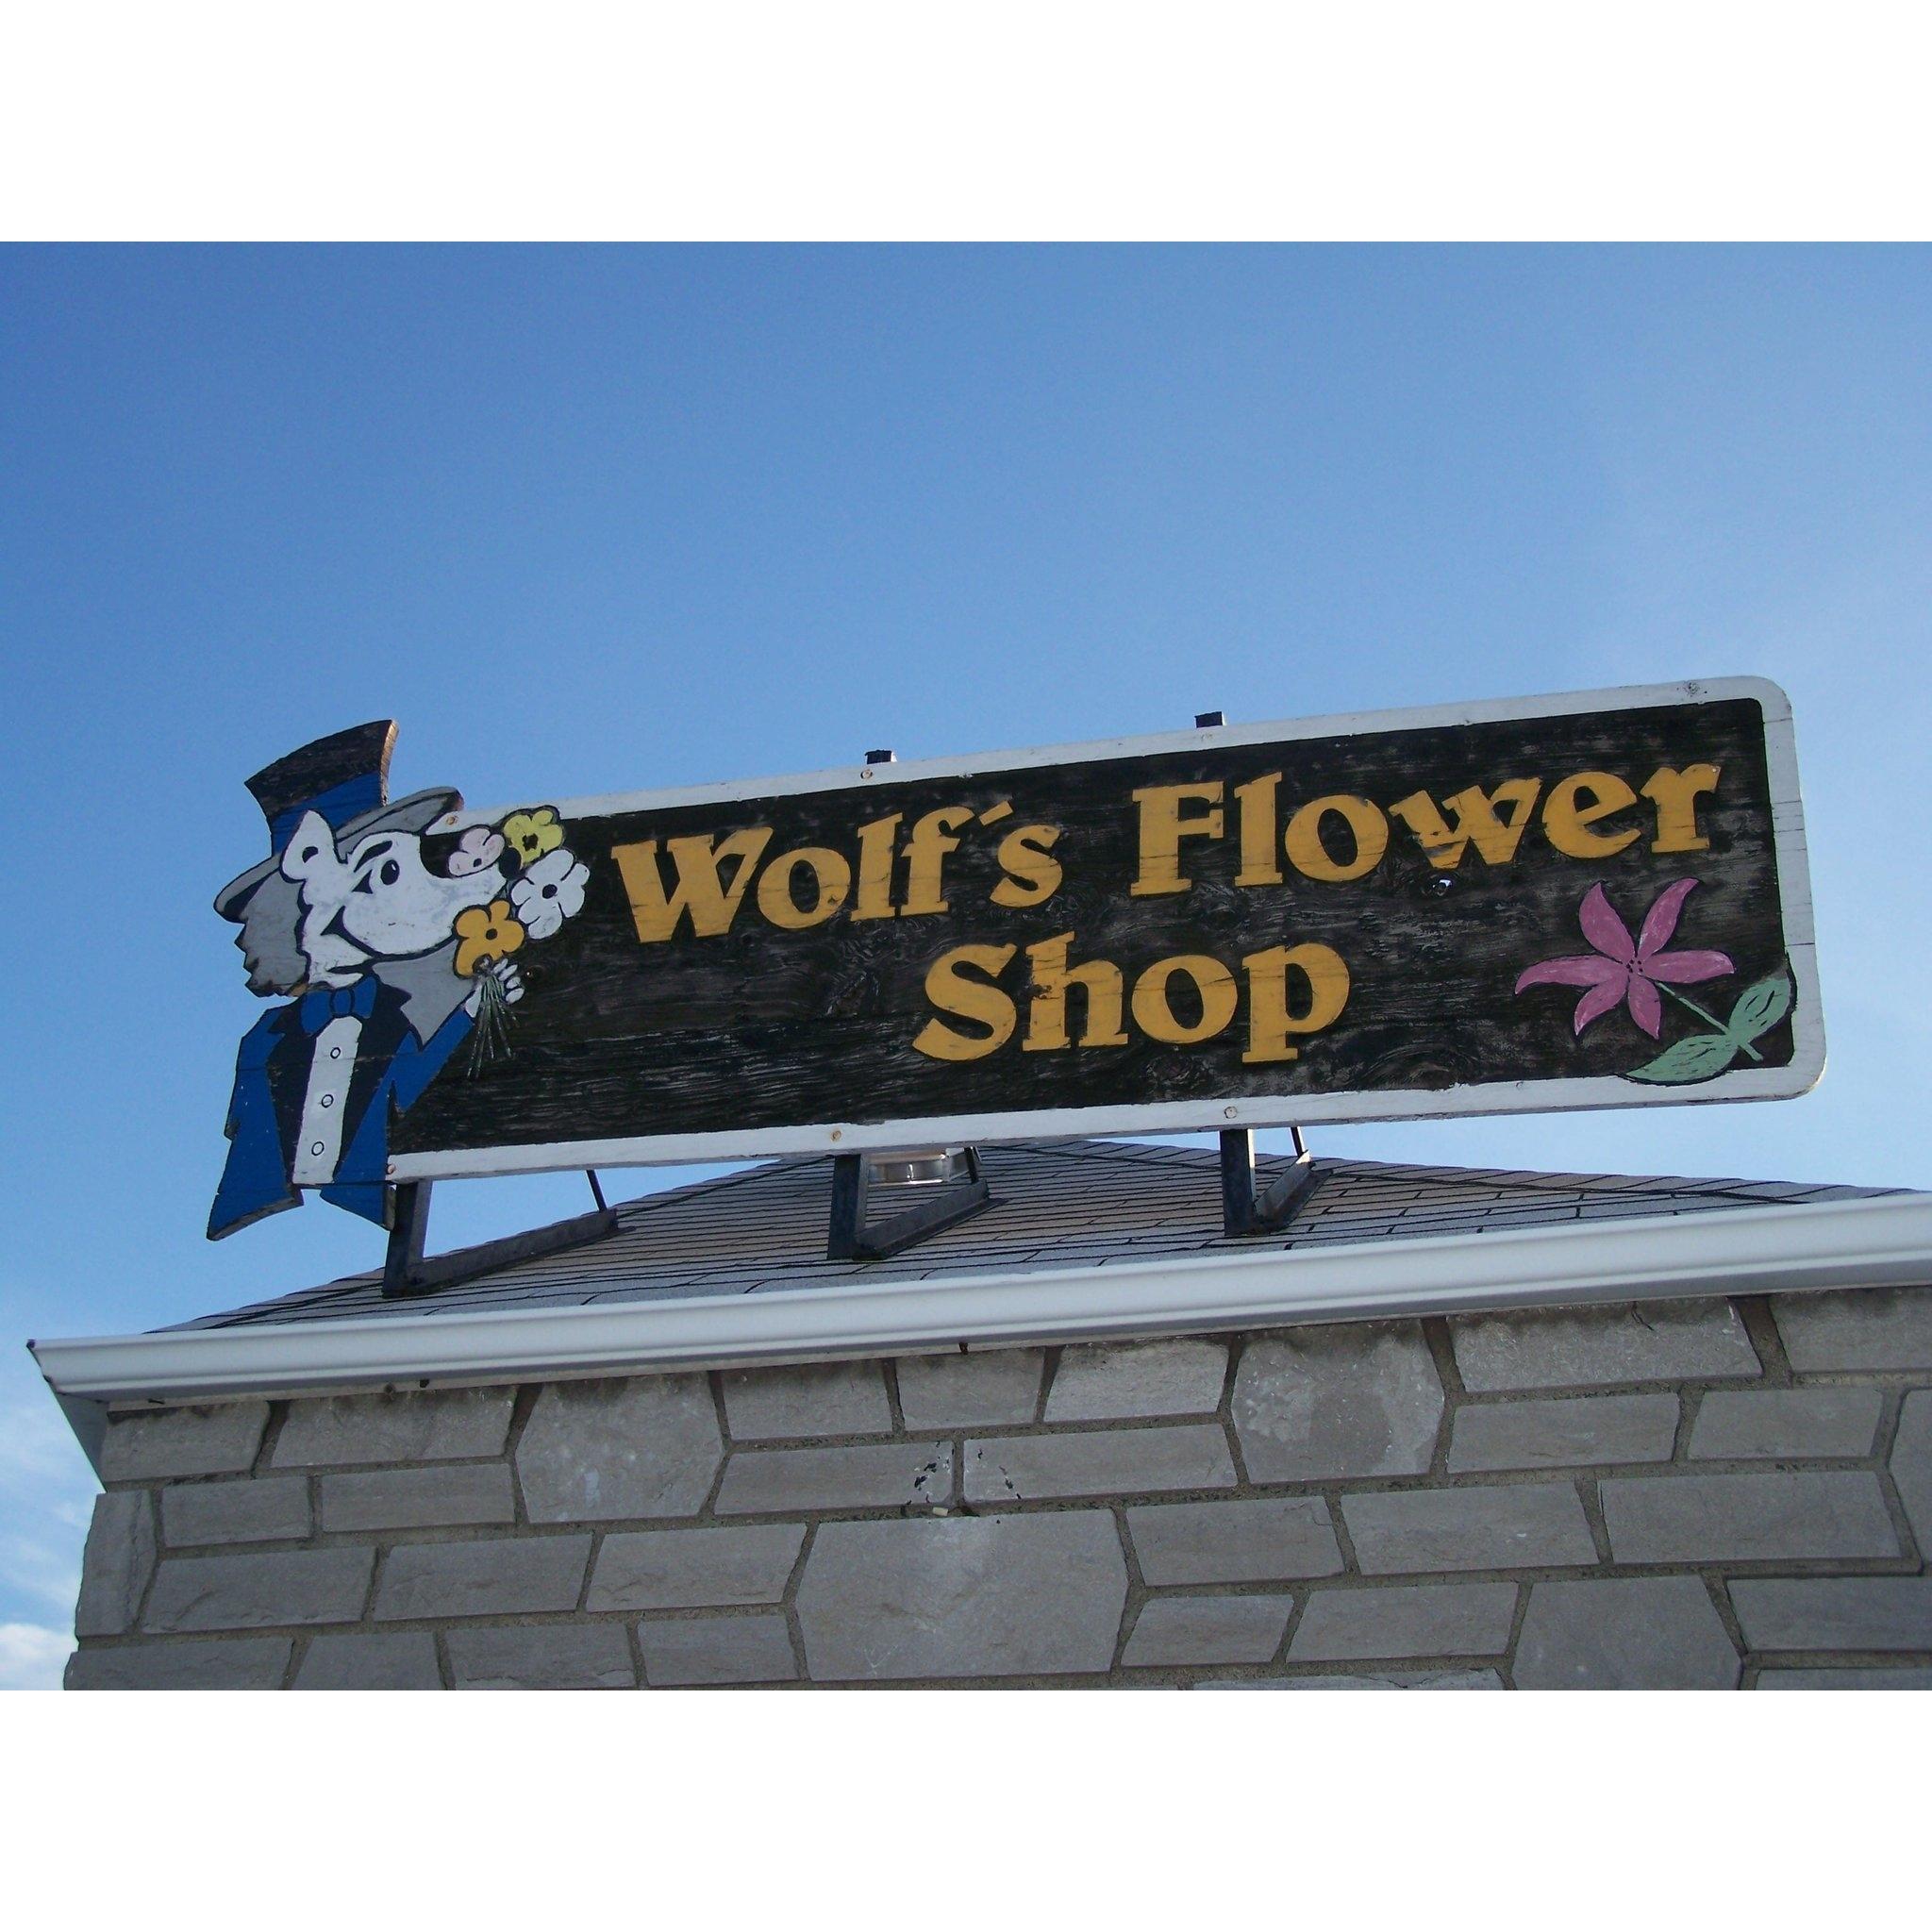 Wolf's Flower Shop